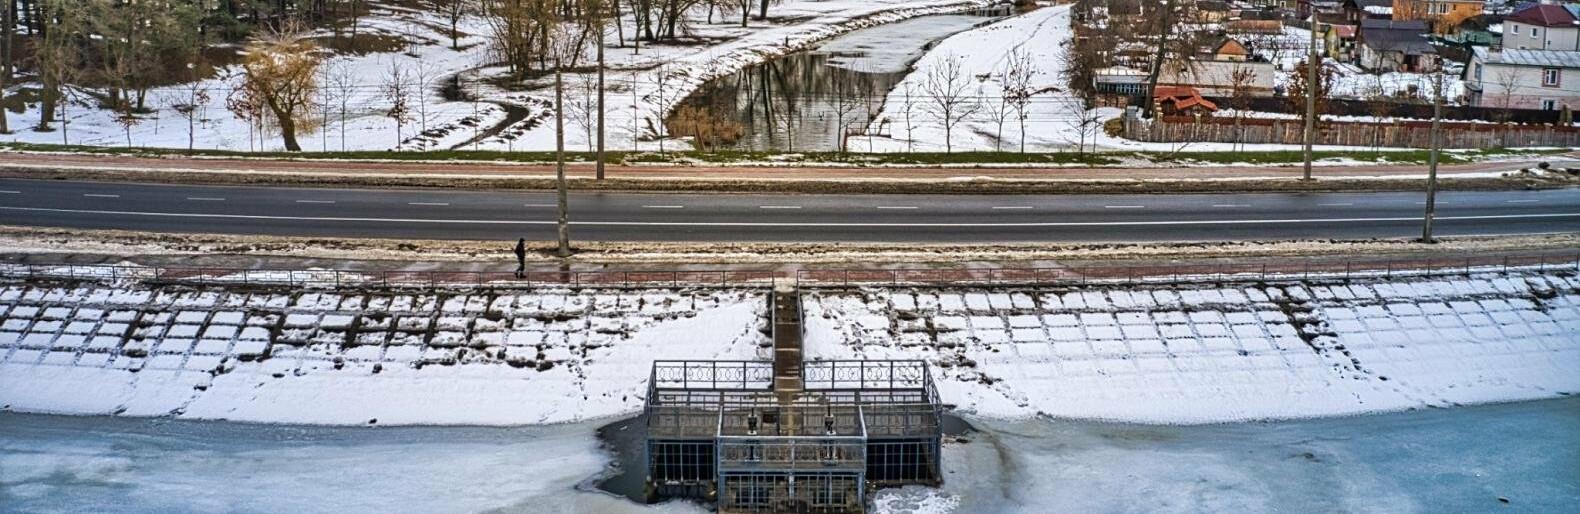 Розливу у Чернігові не буде: Десна падає сама, а Стрижень зливають